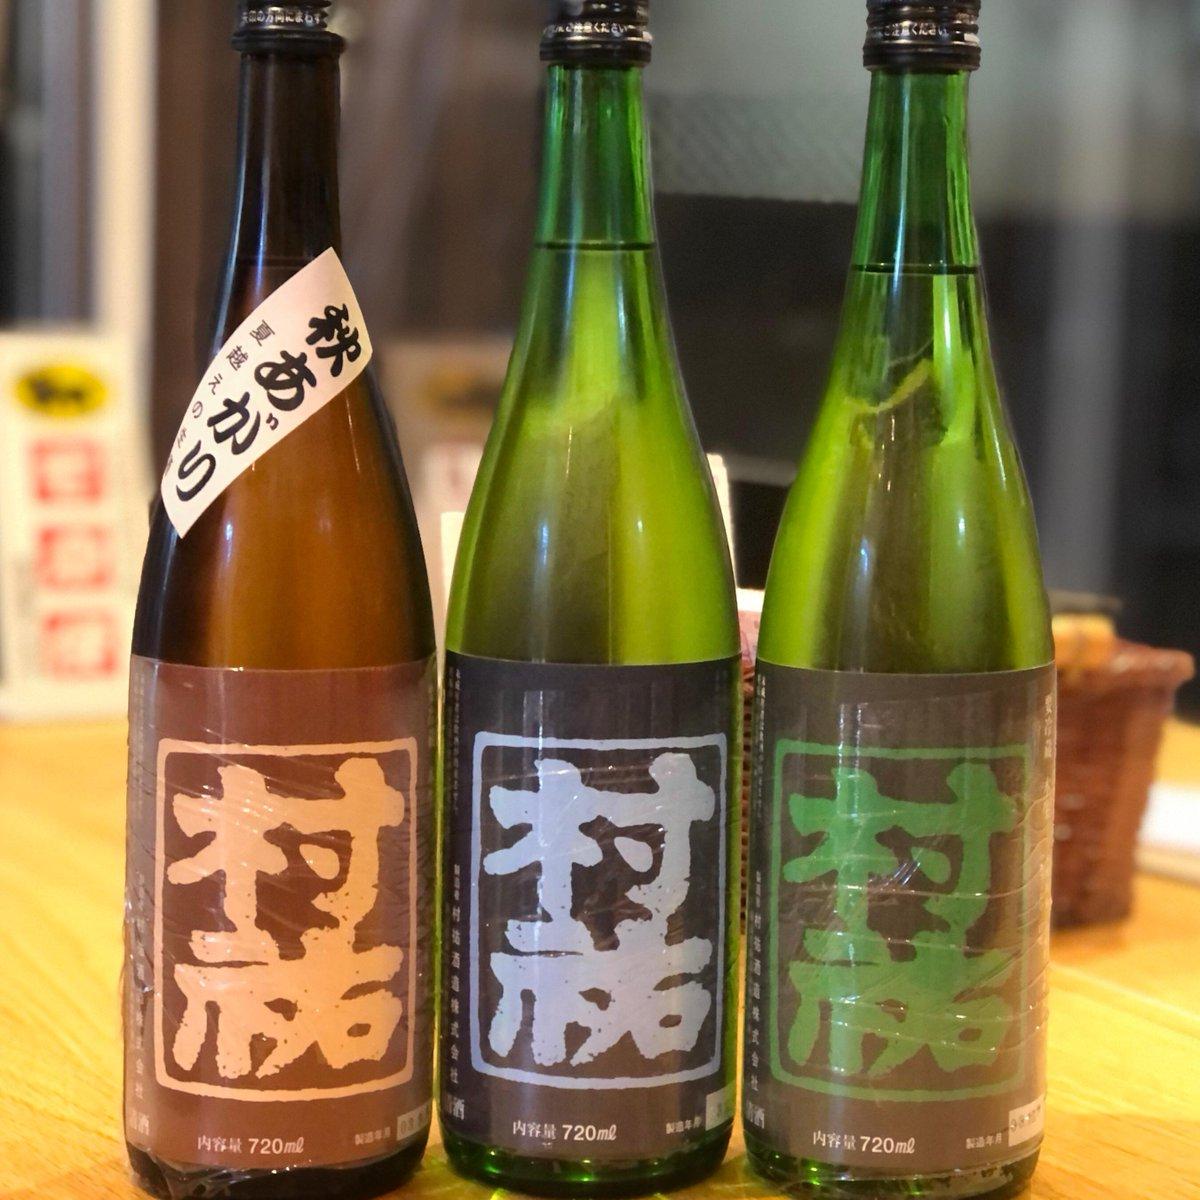 test ツイッターメディア - 【幻かも…】 村祐酒造 村祐 茜ラベル秋あがり・紺瑠璃ラベル・常盤ラベル 今季最後の村祐が入荷して…リーチインがにぎやかになっております。早い者勝ち!日本酒好きな方にも日本酒初めての方にも召し上がってもらいたい!そんな素敵なお酒です。 https://t.co/33gC6Ad3tt